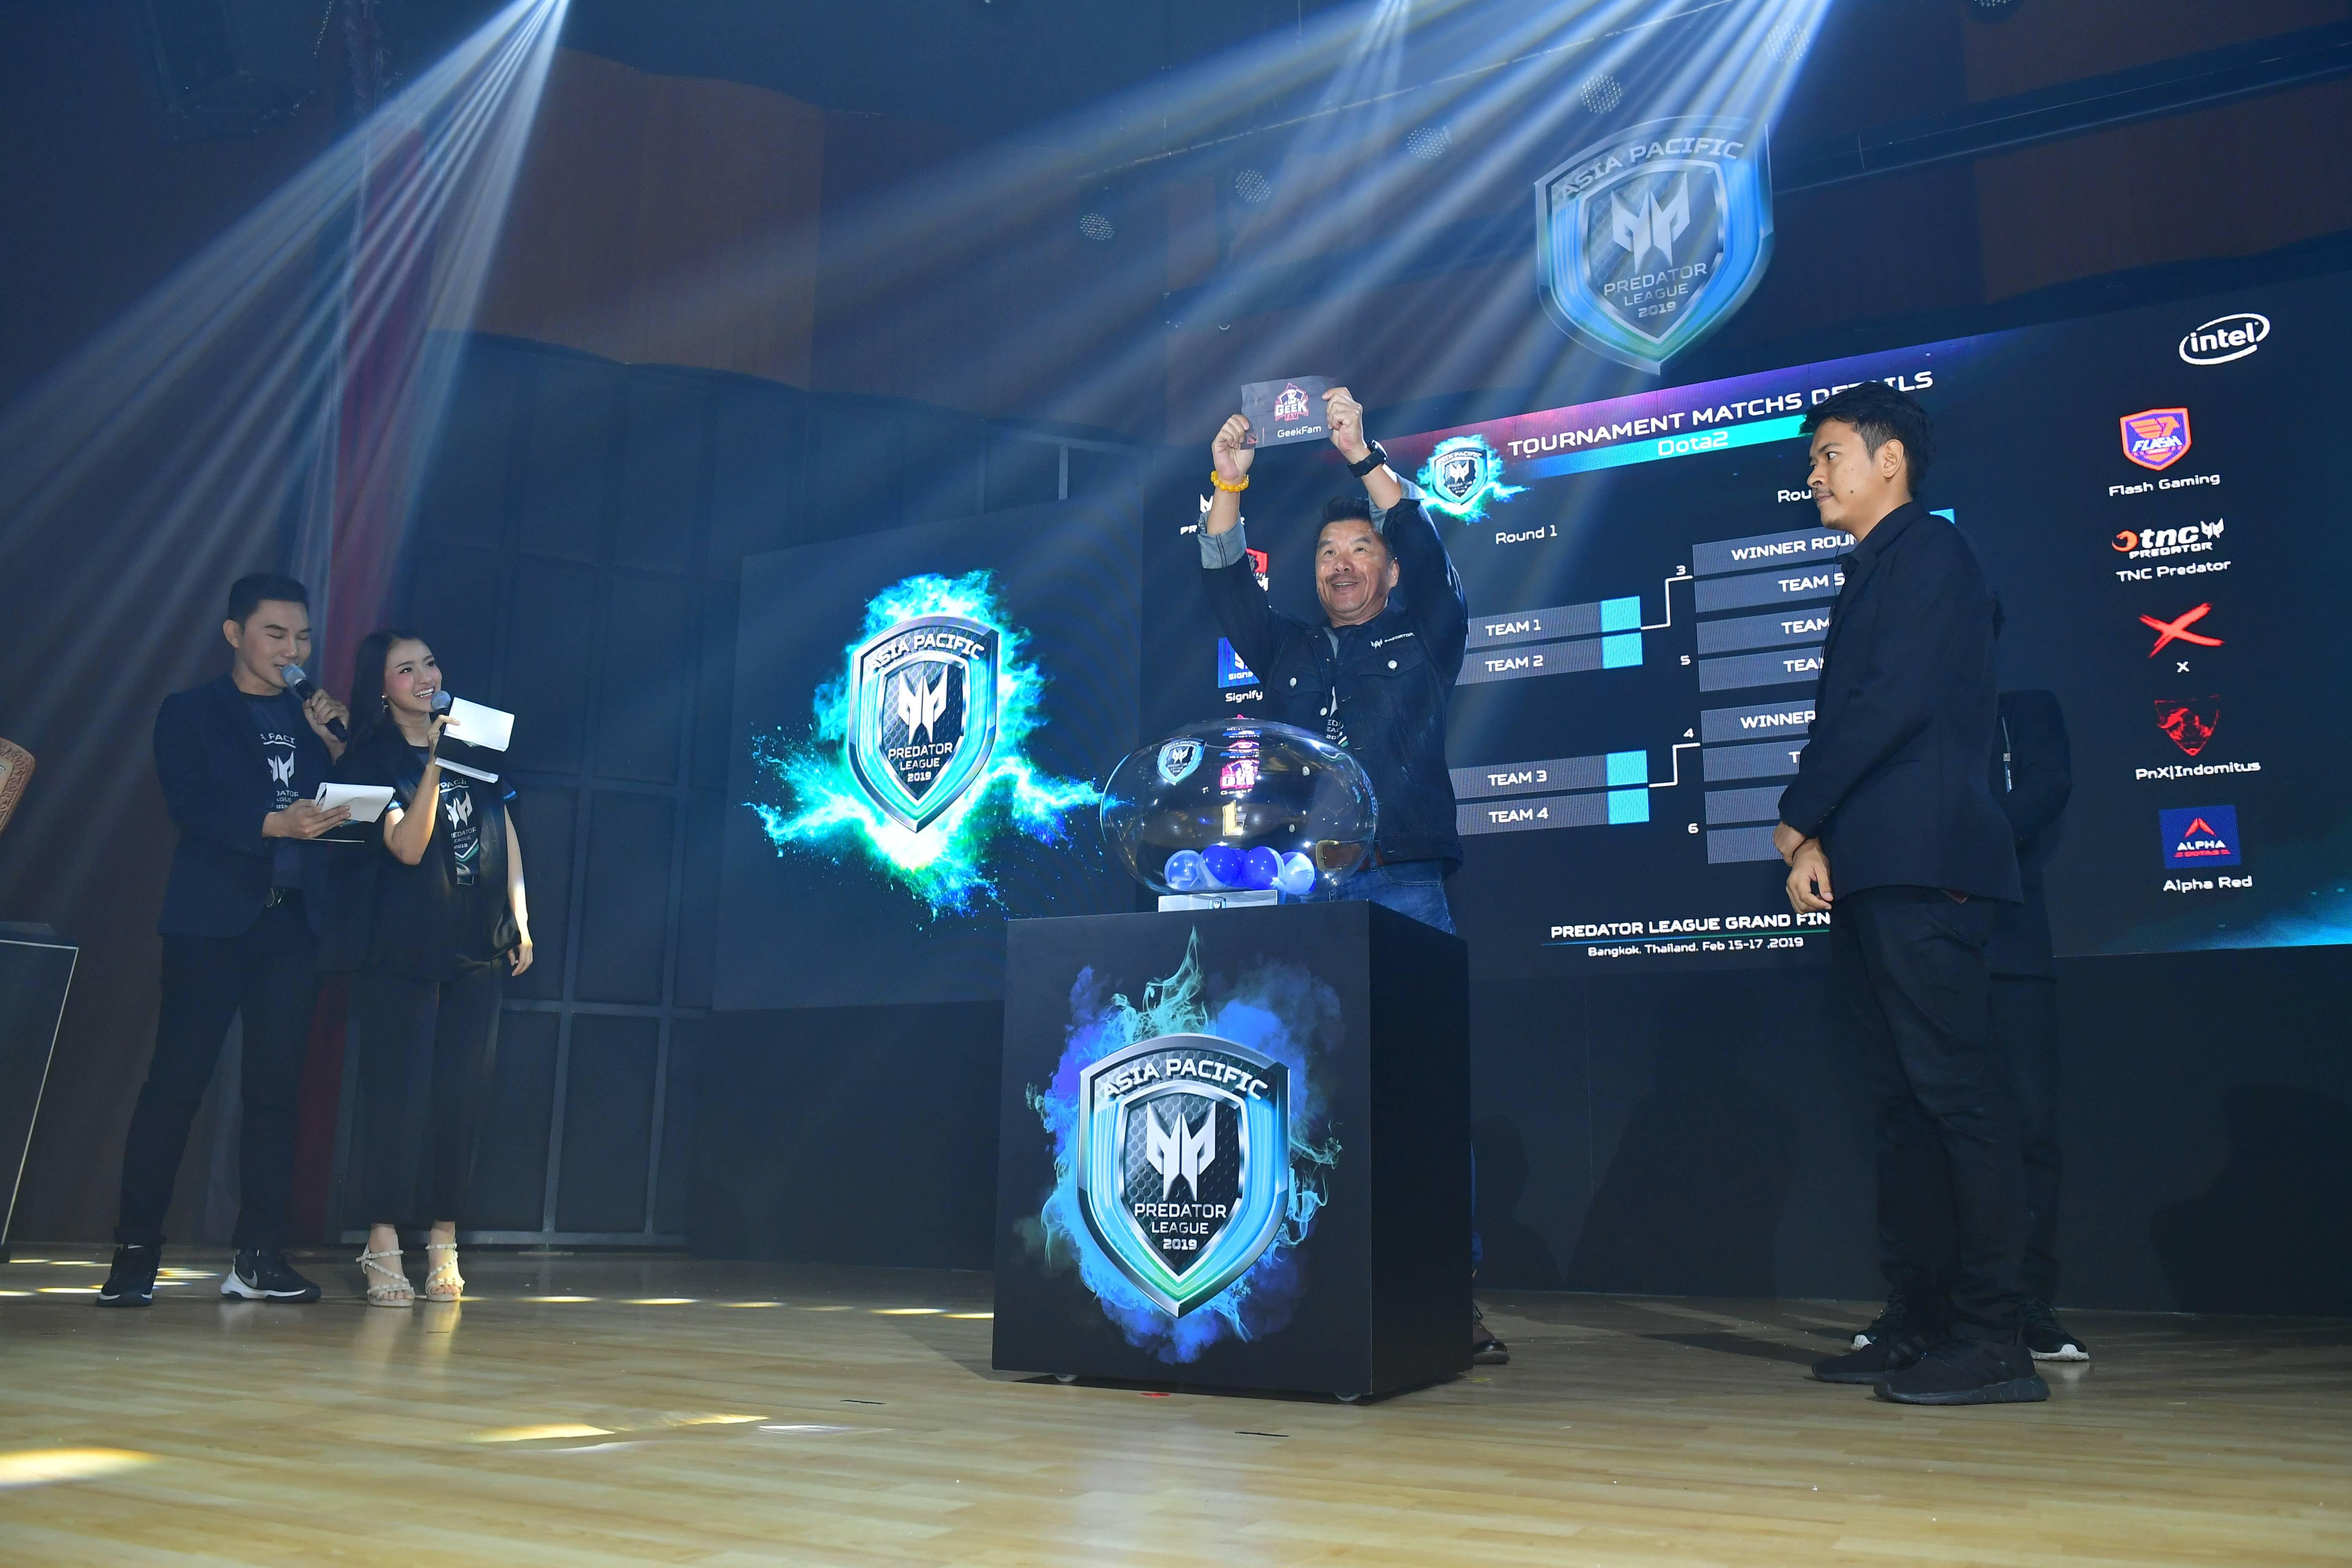 arr 69771 บรรยากาศงาน Asia Pacific Predator League 2019 สุดยอดขุนพลทีมอีสปอร์ตเข้าร่วมการแข่งขันรอบแกรนด์ไฟนอล